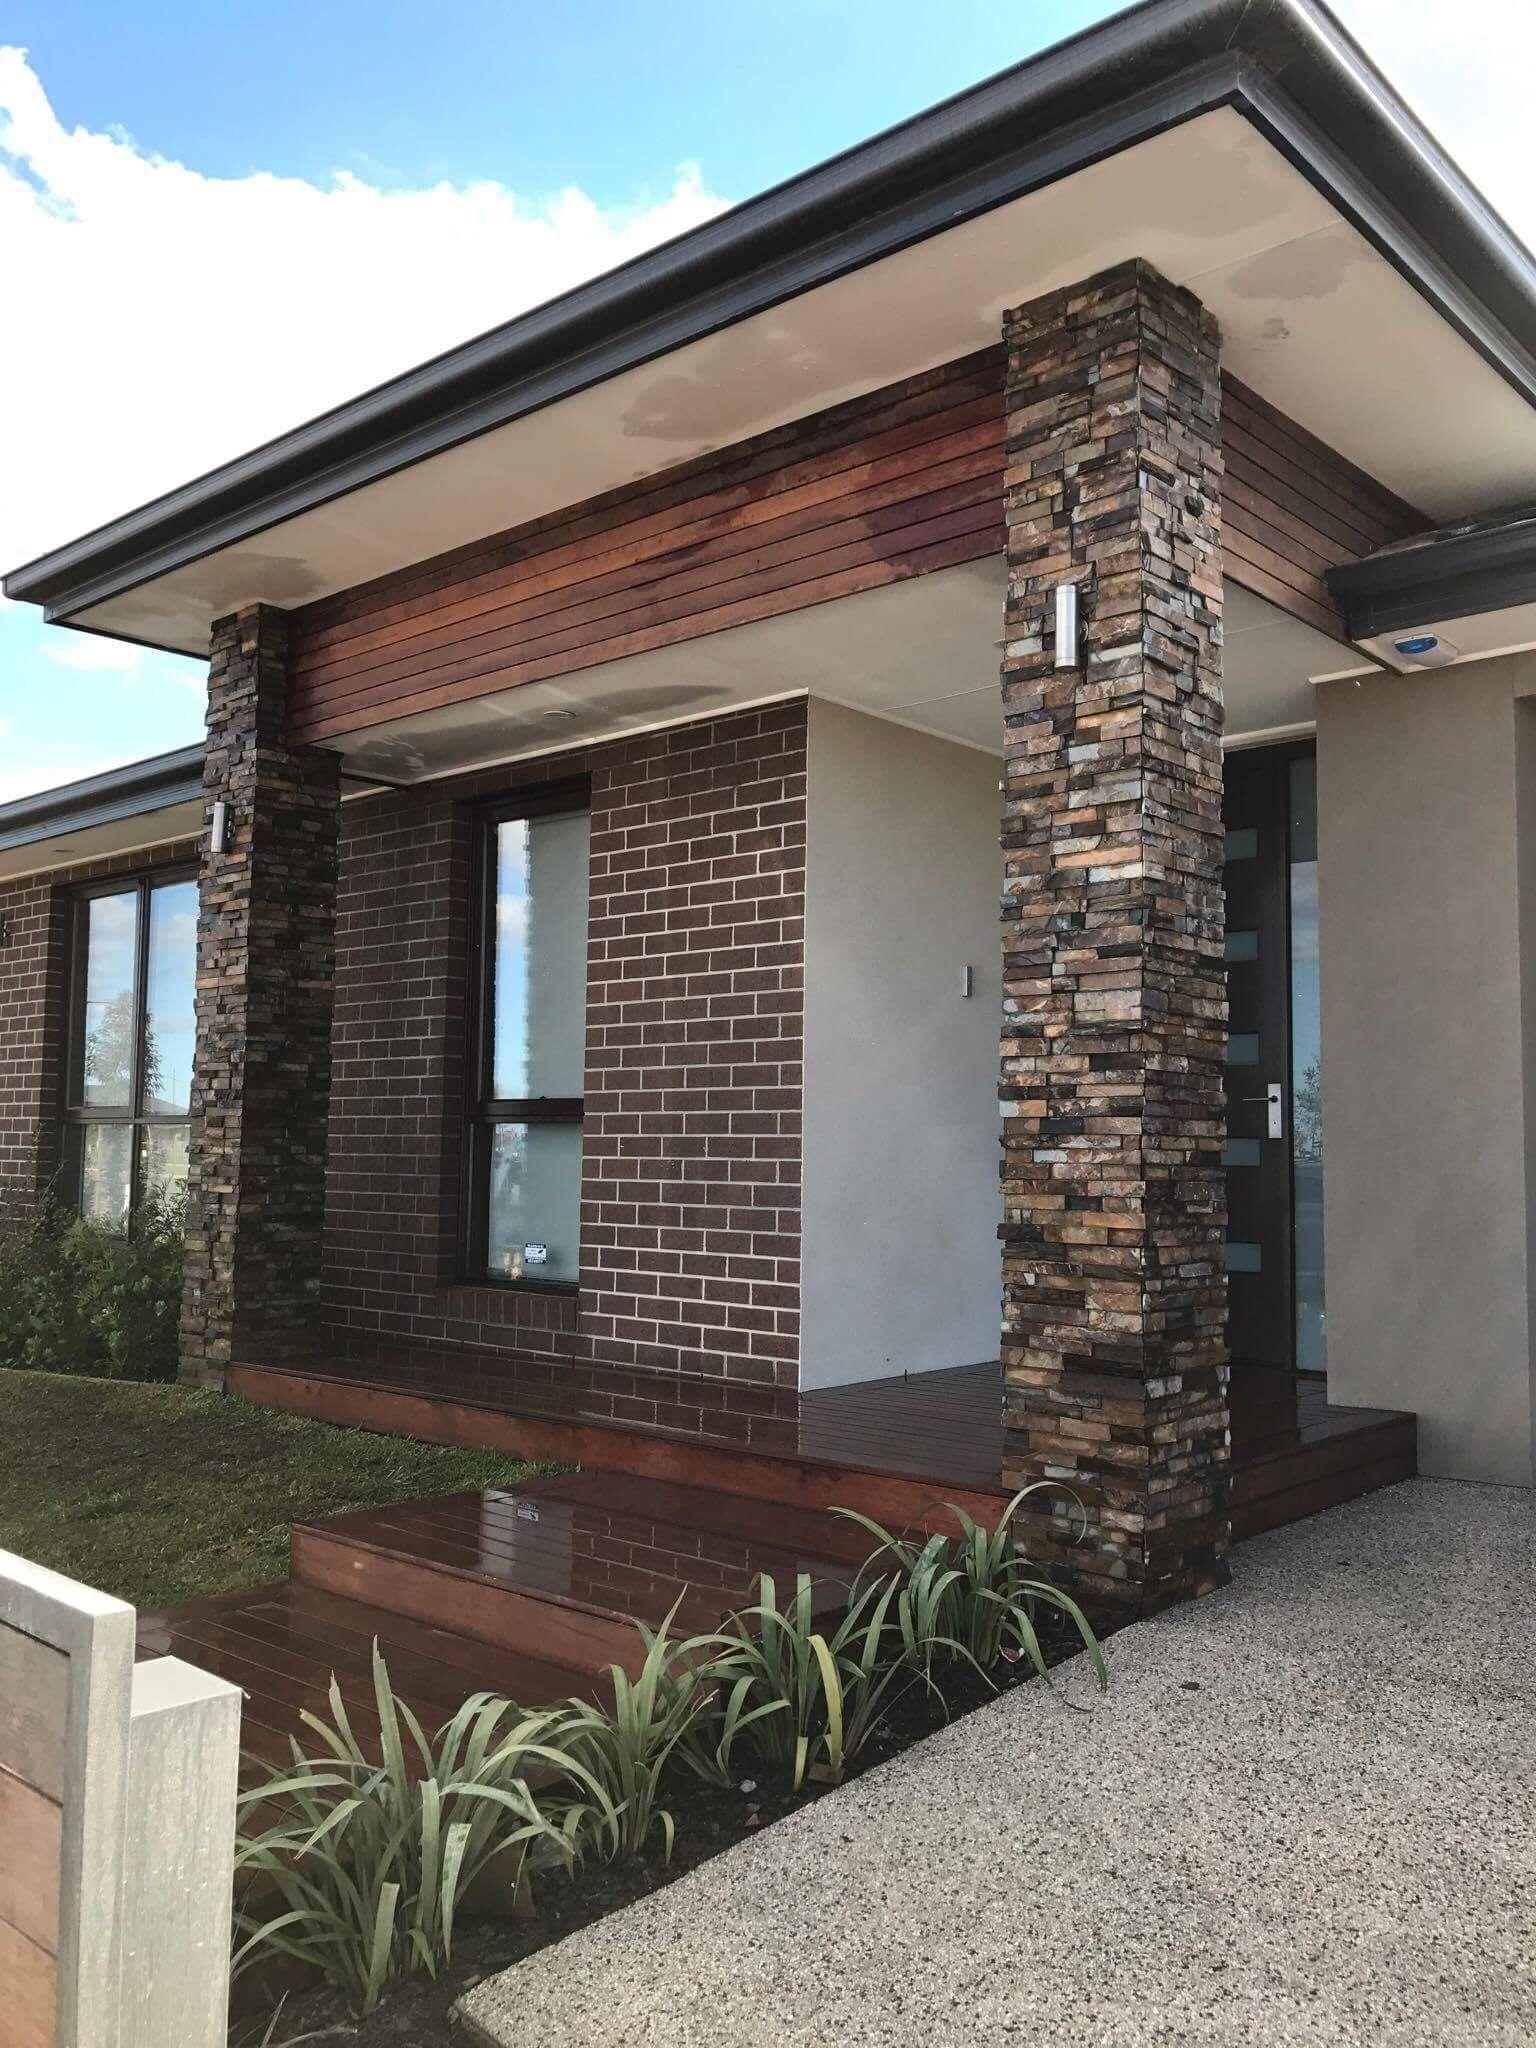 Artificial Grass Melbourne Flooring Garden Paving Stone Cladding Exterior House Pillars Exterior Stone